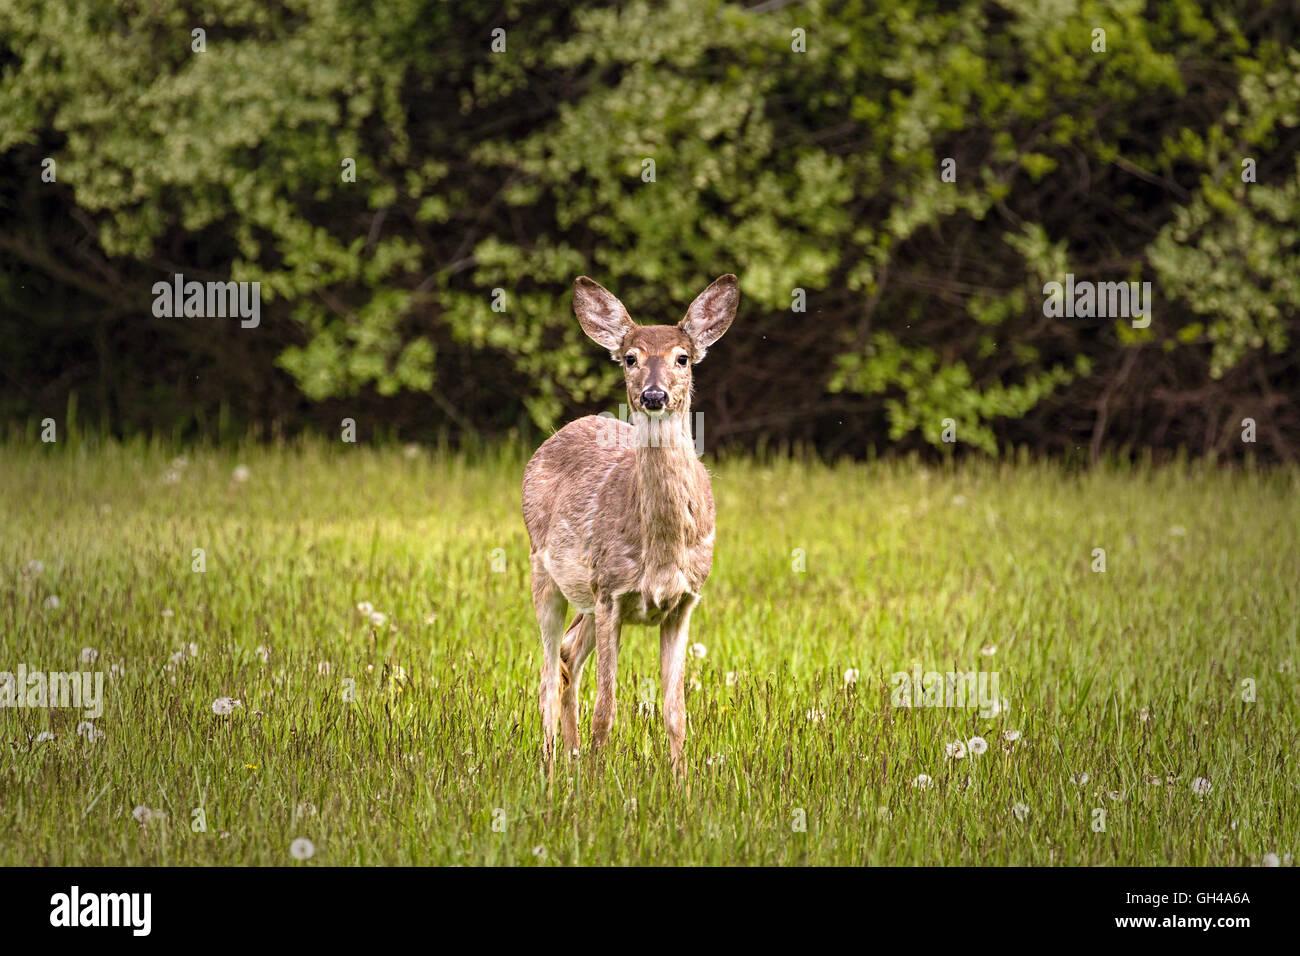 Un Venado Cola Blanca alerta en la primavera de pradera, Hunterdon County, New Jersey Imagen De Stock